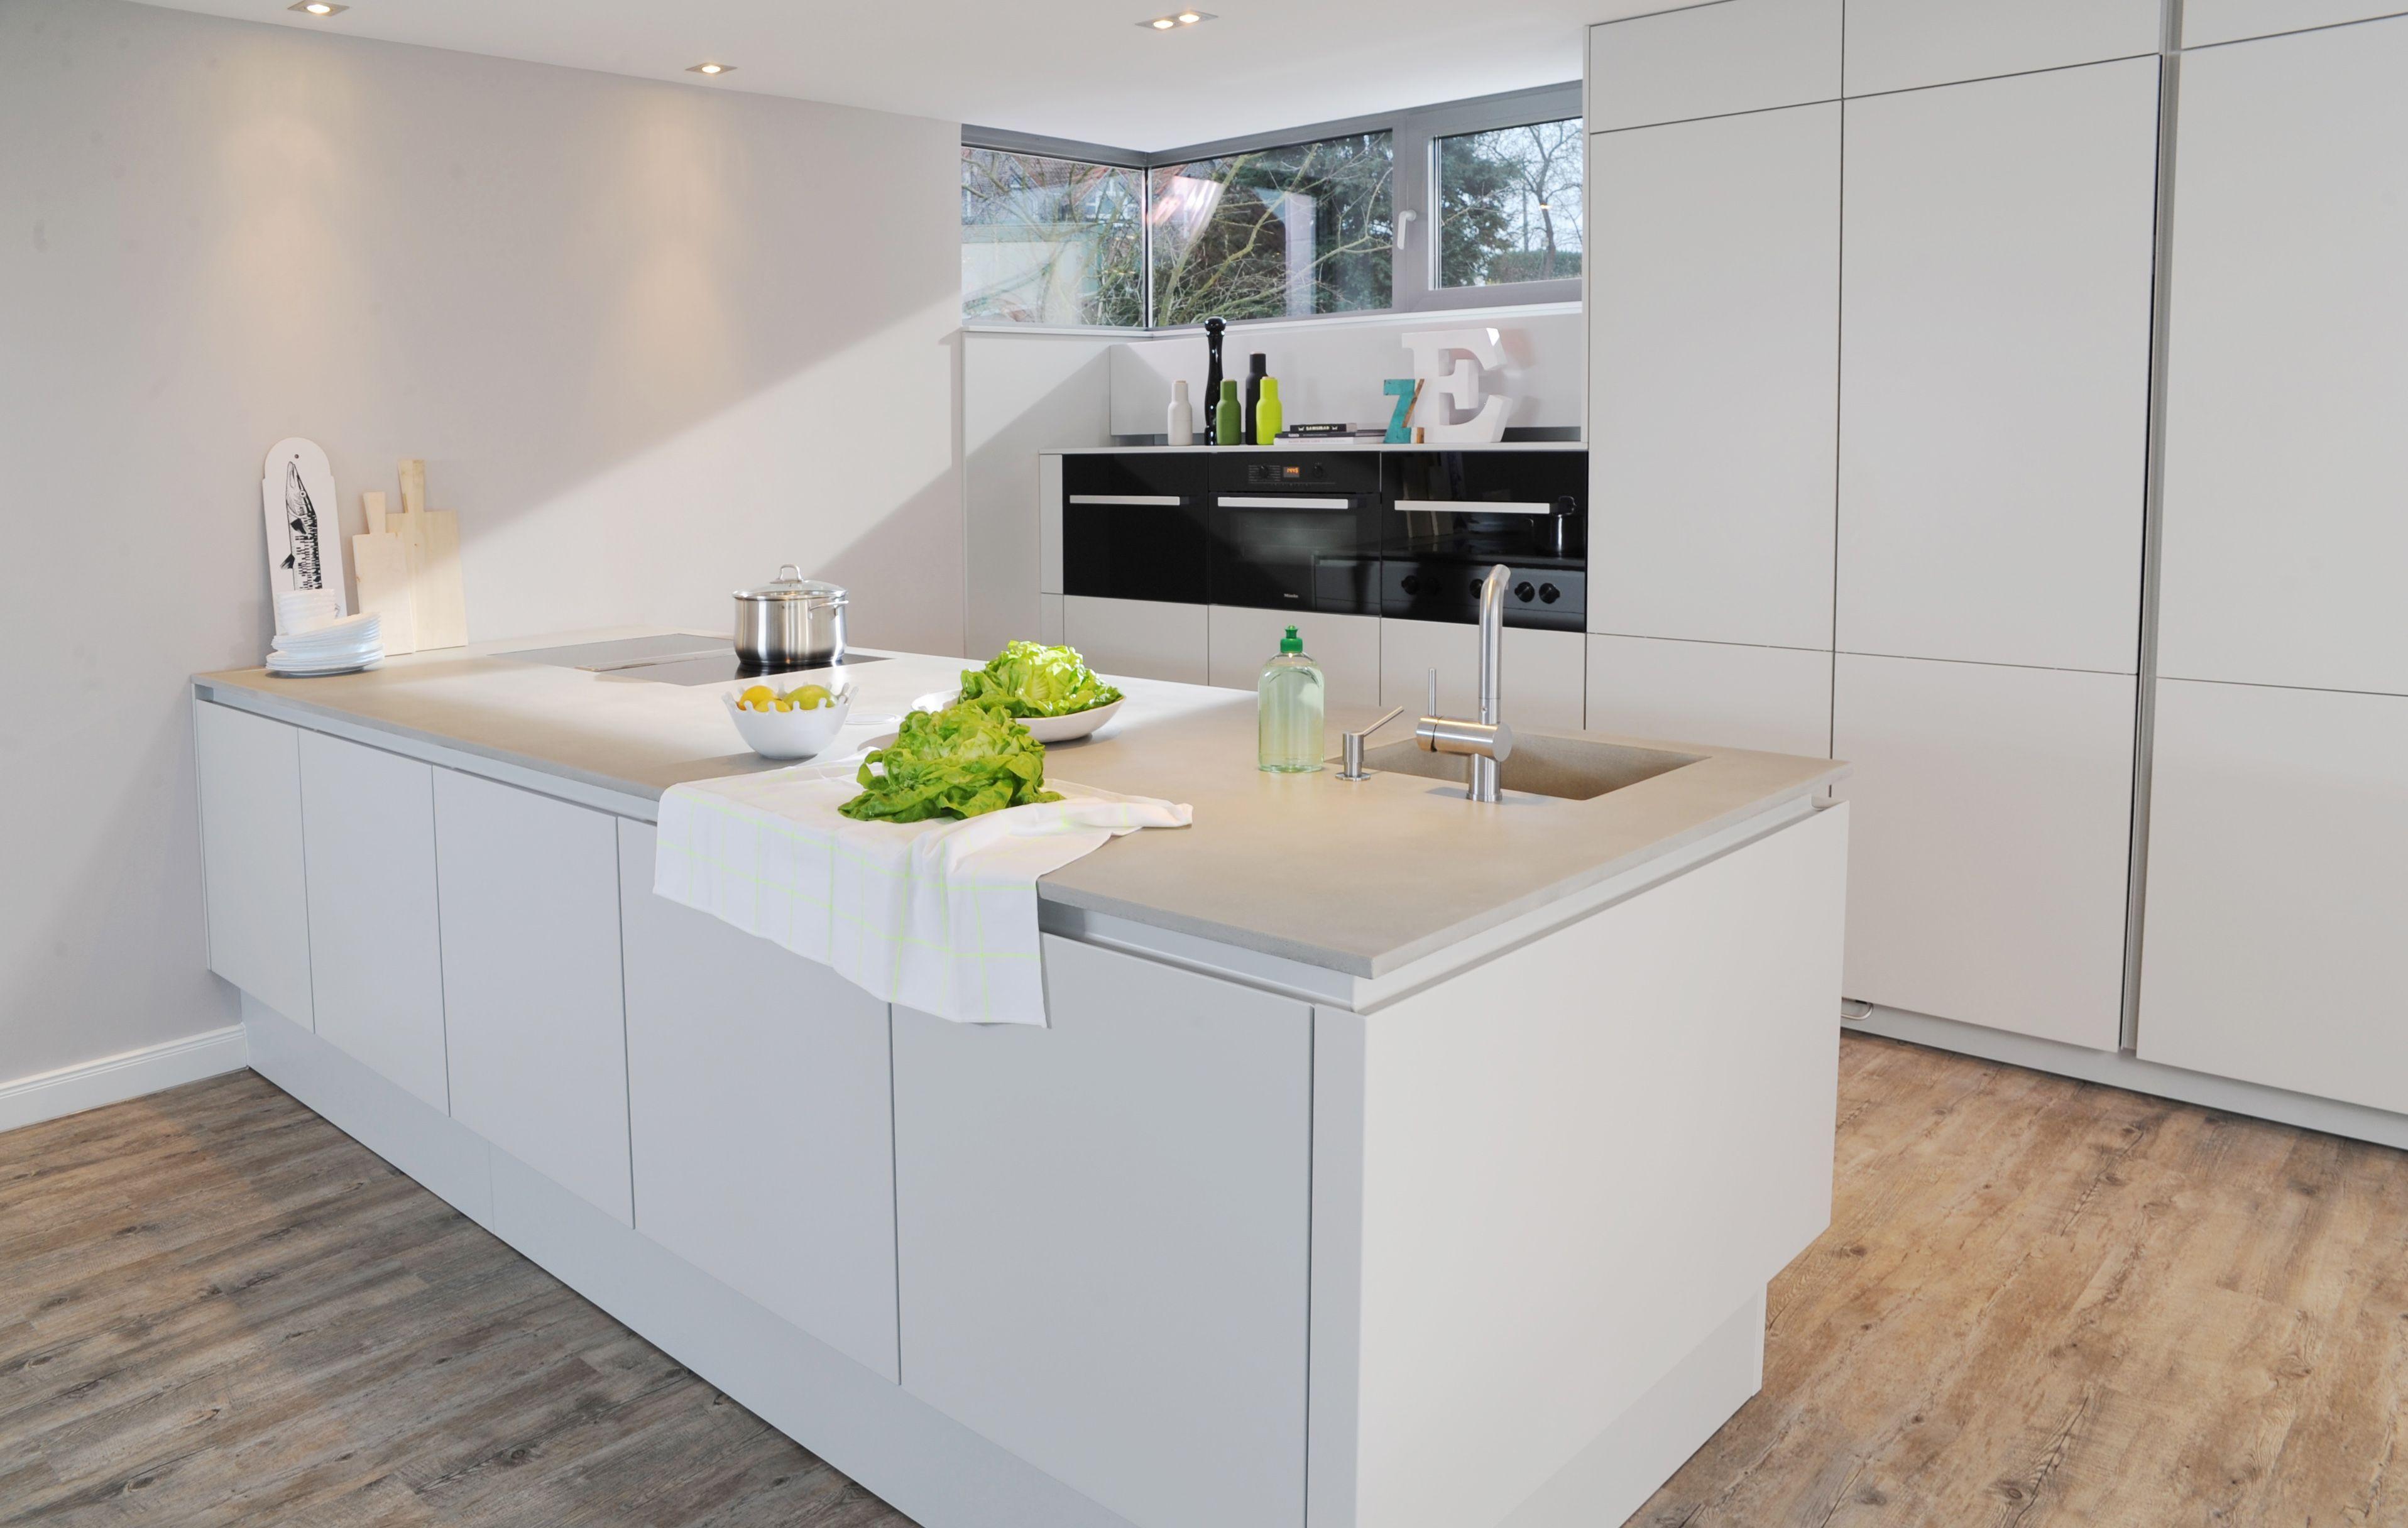 Arbeitsplatte Beton Kueche Ideen Weisse Kuche Arbeitsplatte Kuche Haus Kuchen